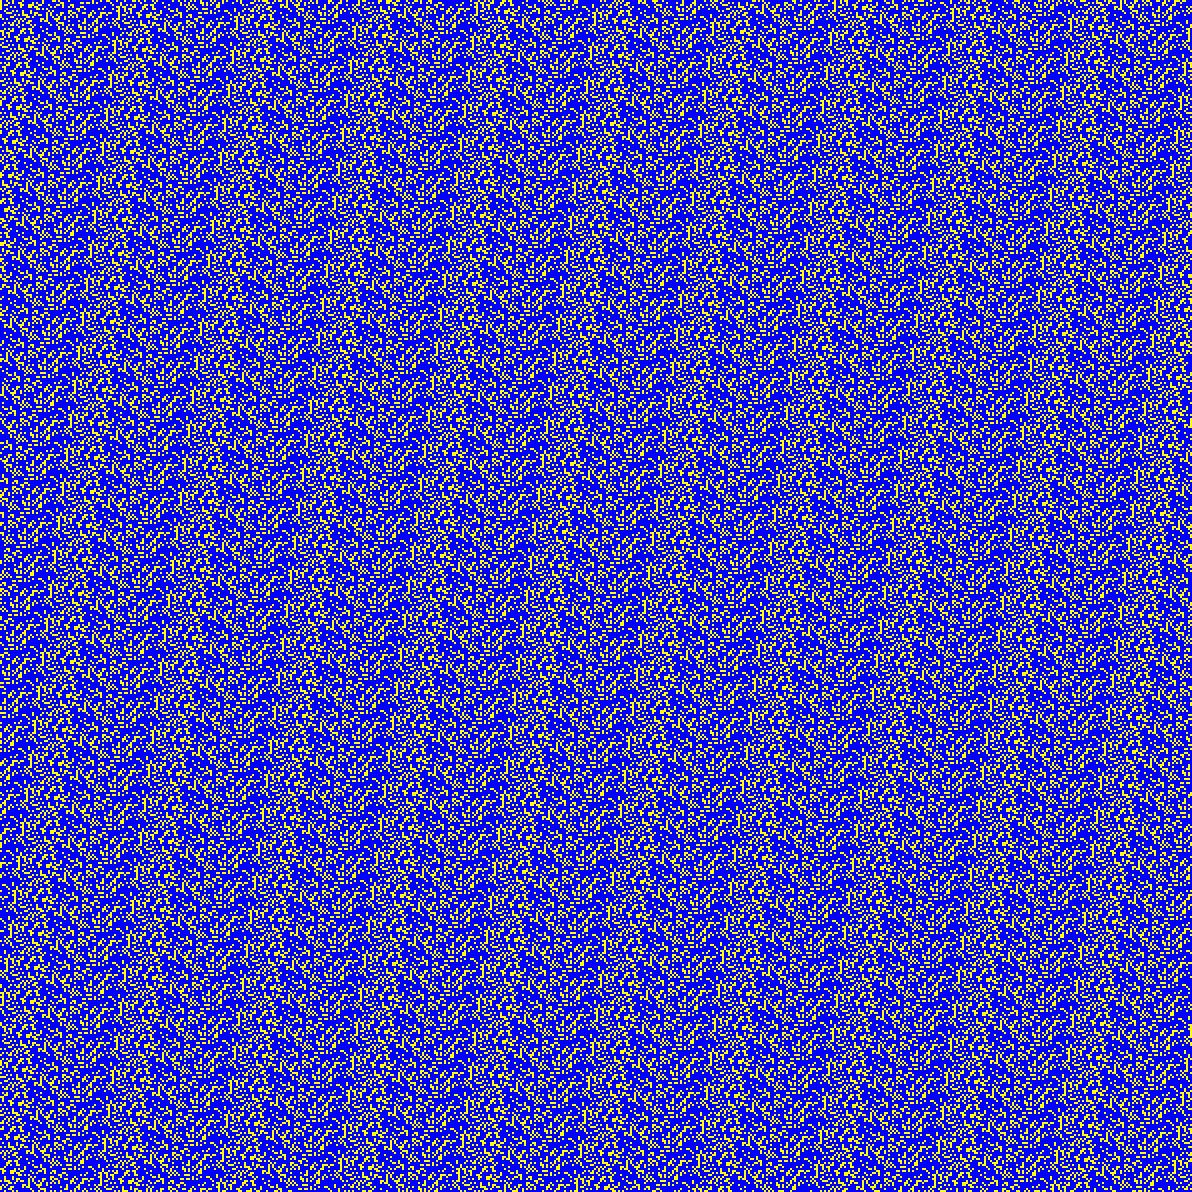 Cyclartcy: Arbitrary flowers LUM-BY, width 596